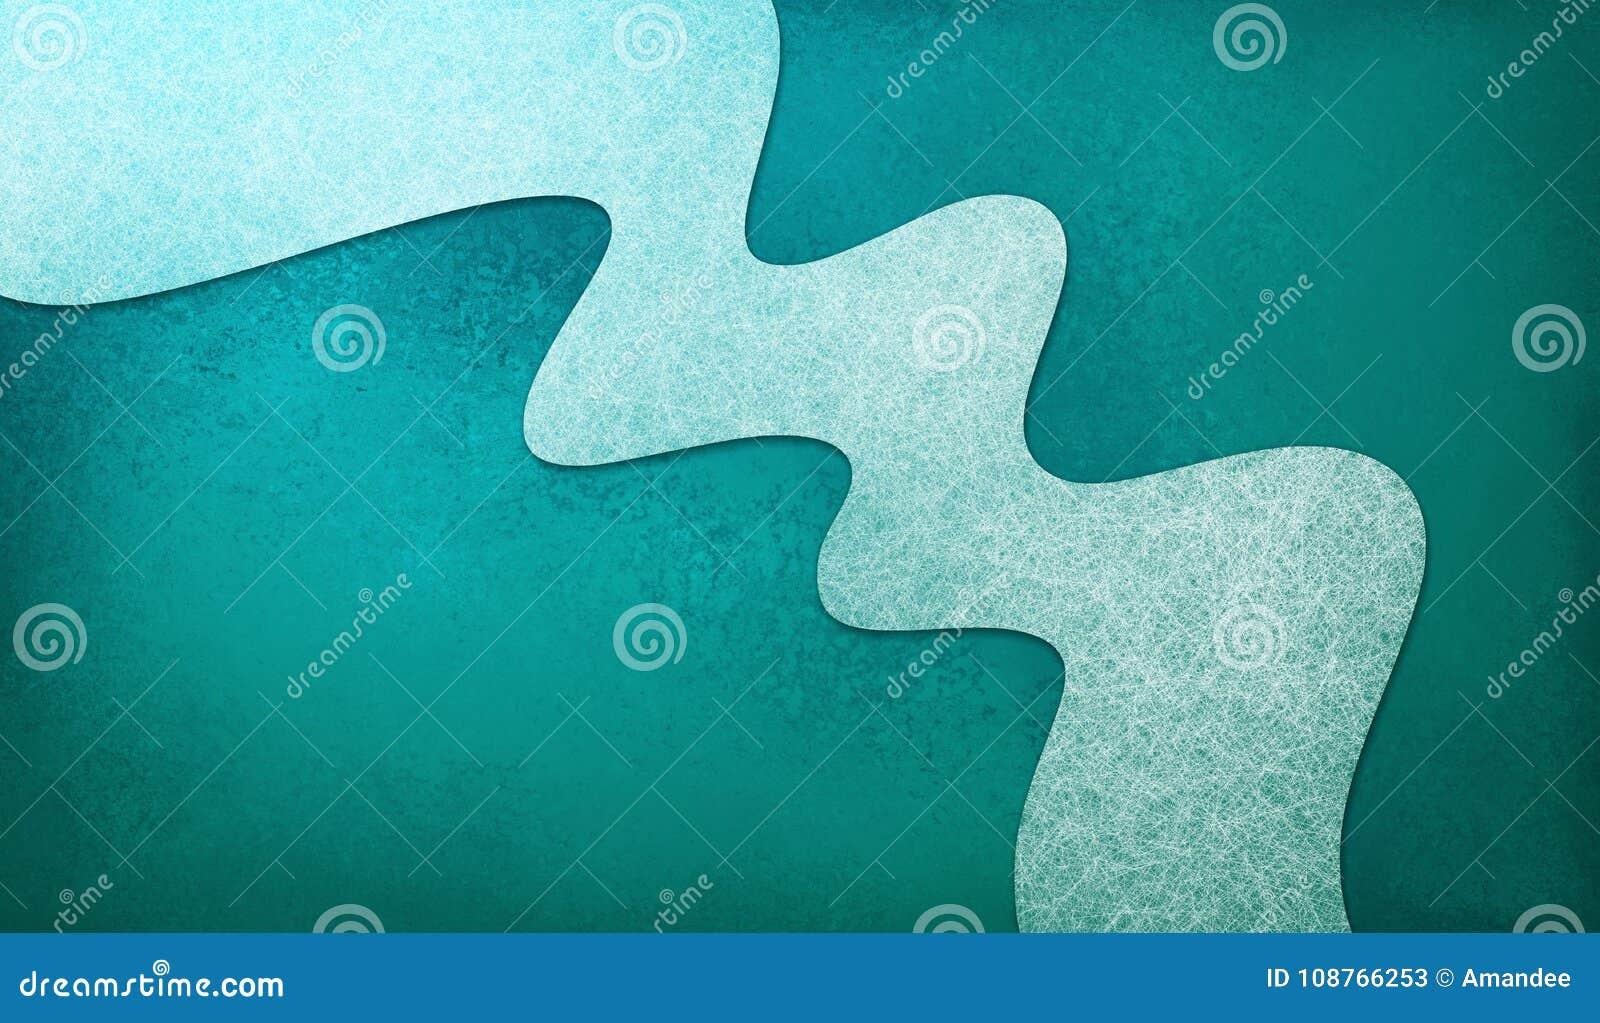 El fondo azul del trullo abstracto con la raya material ondulada blanca del diseño, elemento del diseño tiene textura